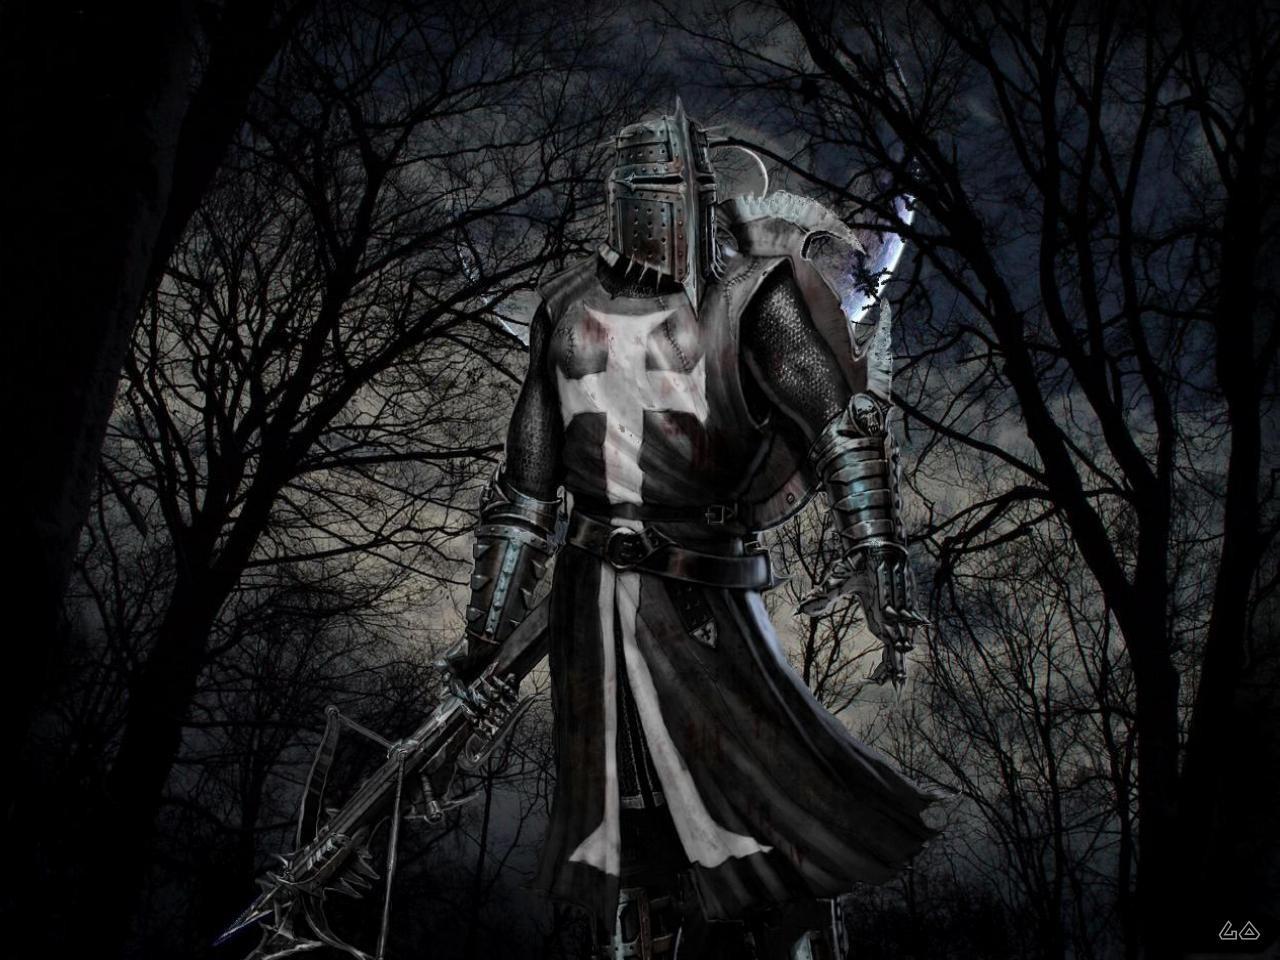 knight, рыцарь крестоносец, скачать фото, обои на рабочий стол